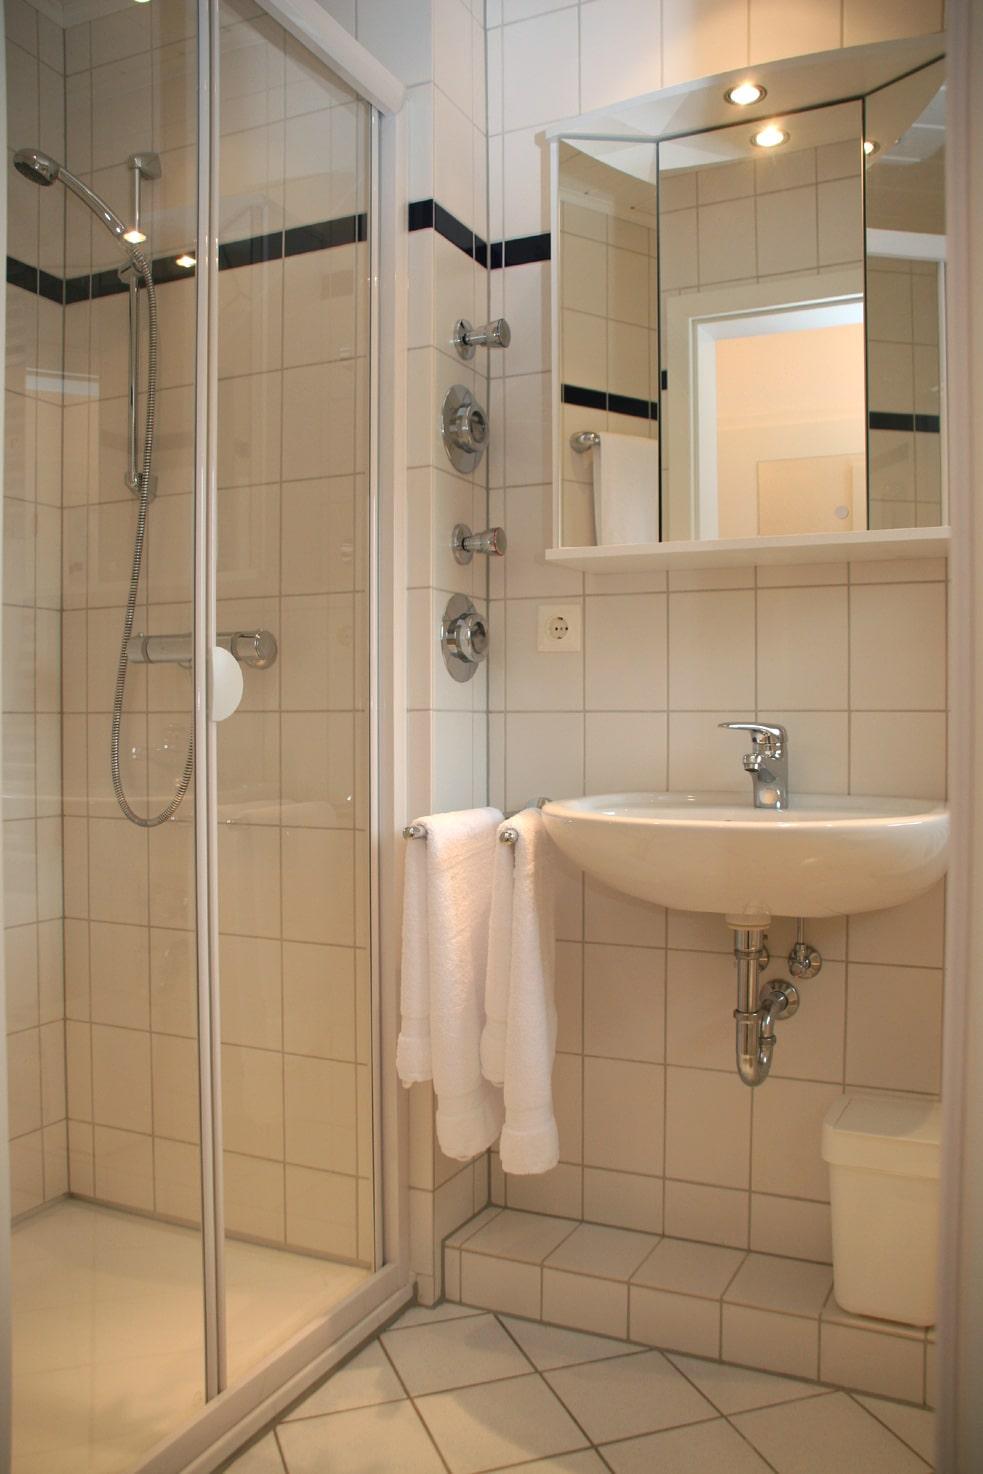 Gaestewohnungen - Badezimmer